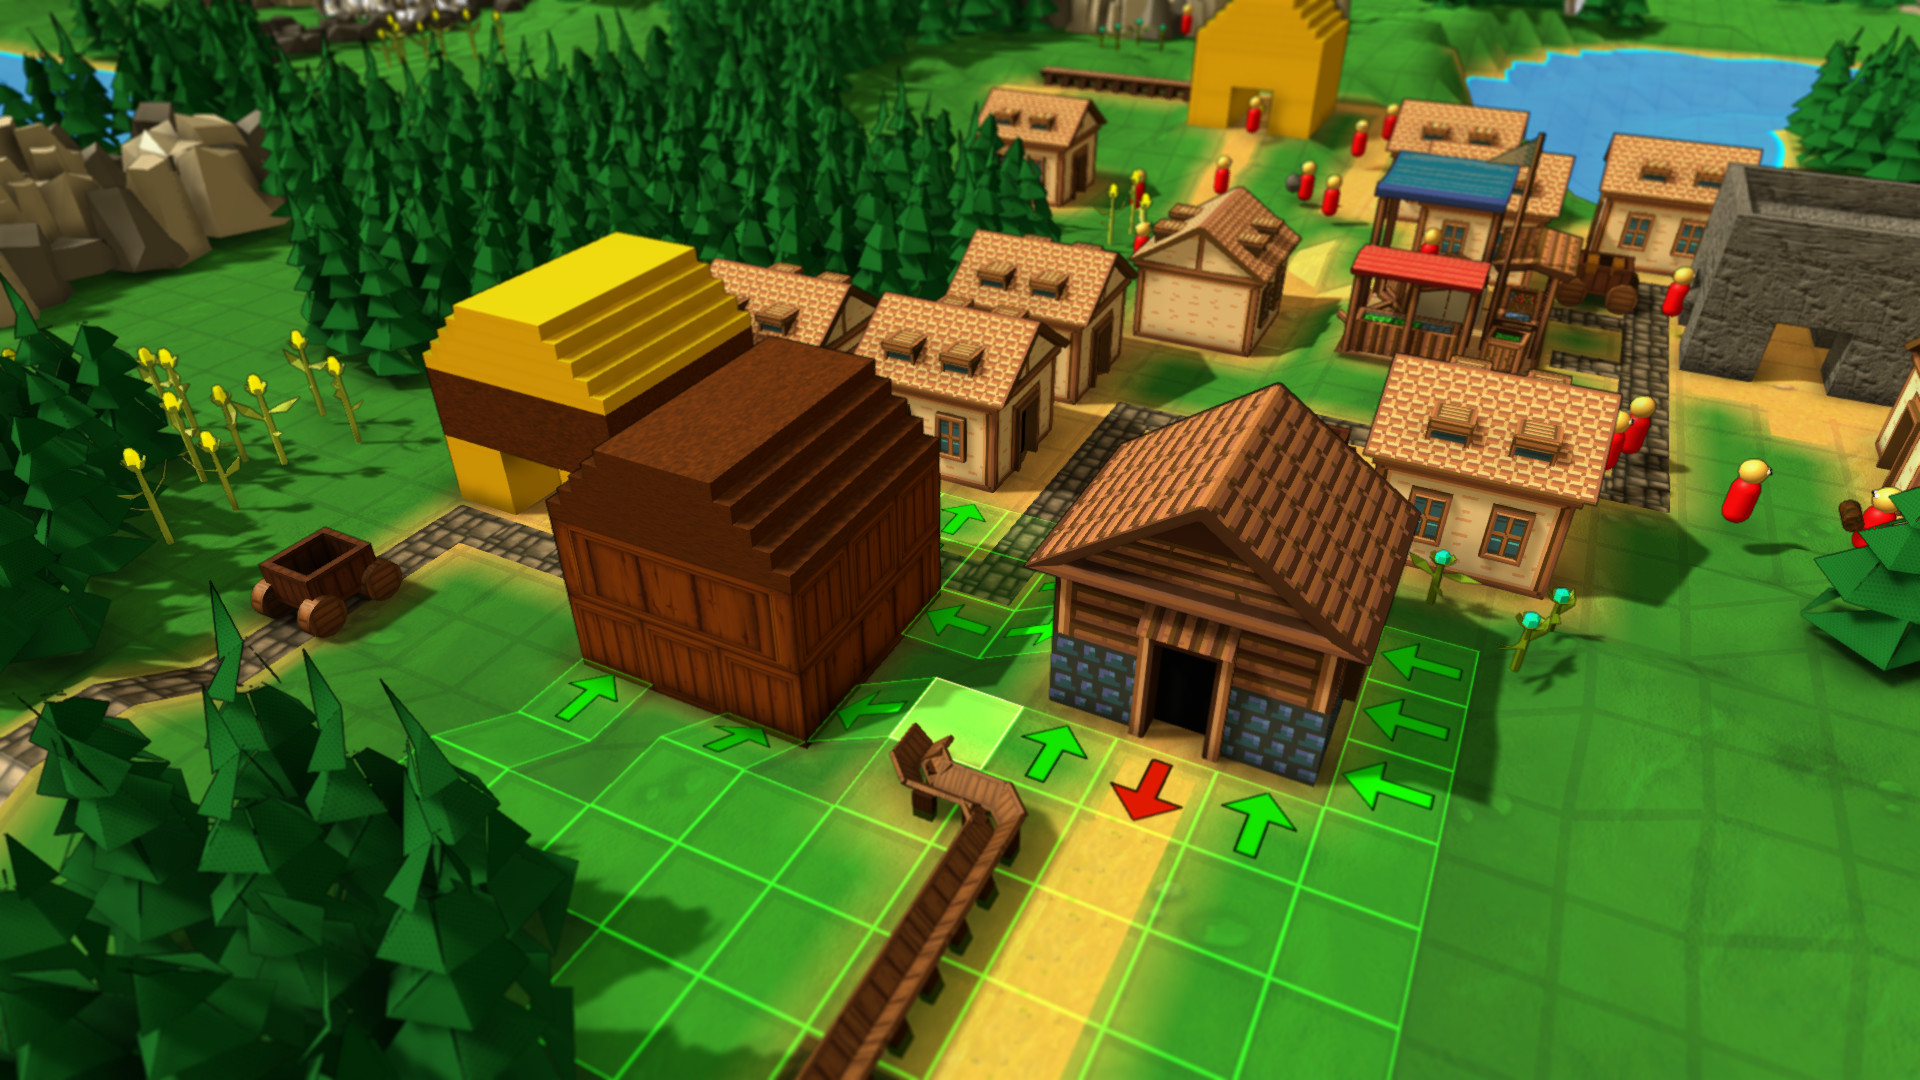 工业小镇插图2